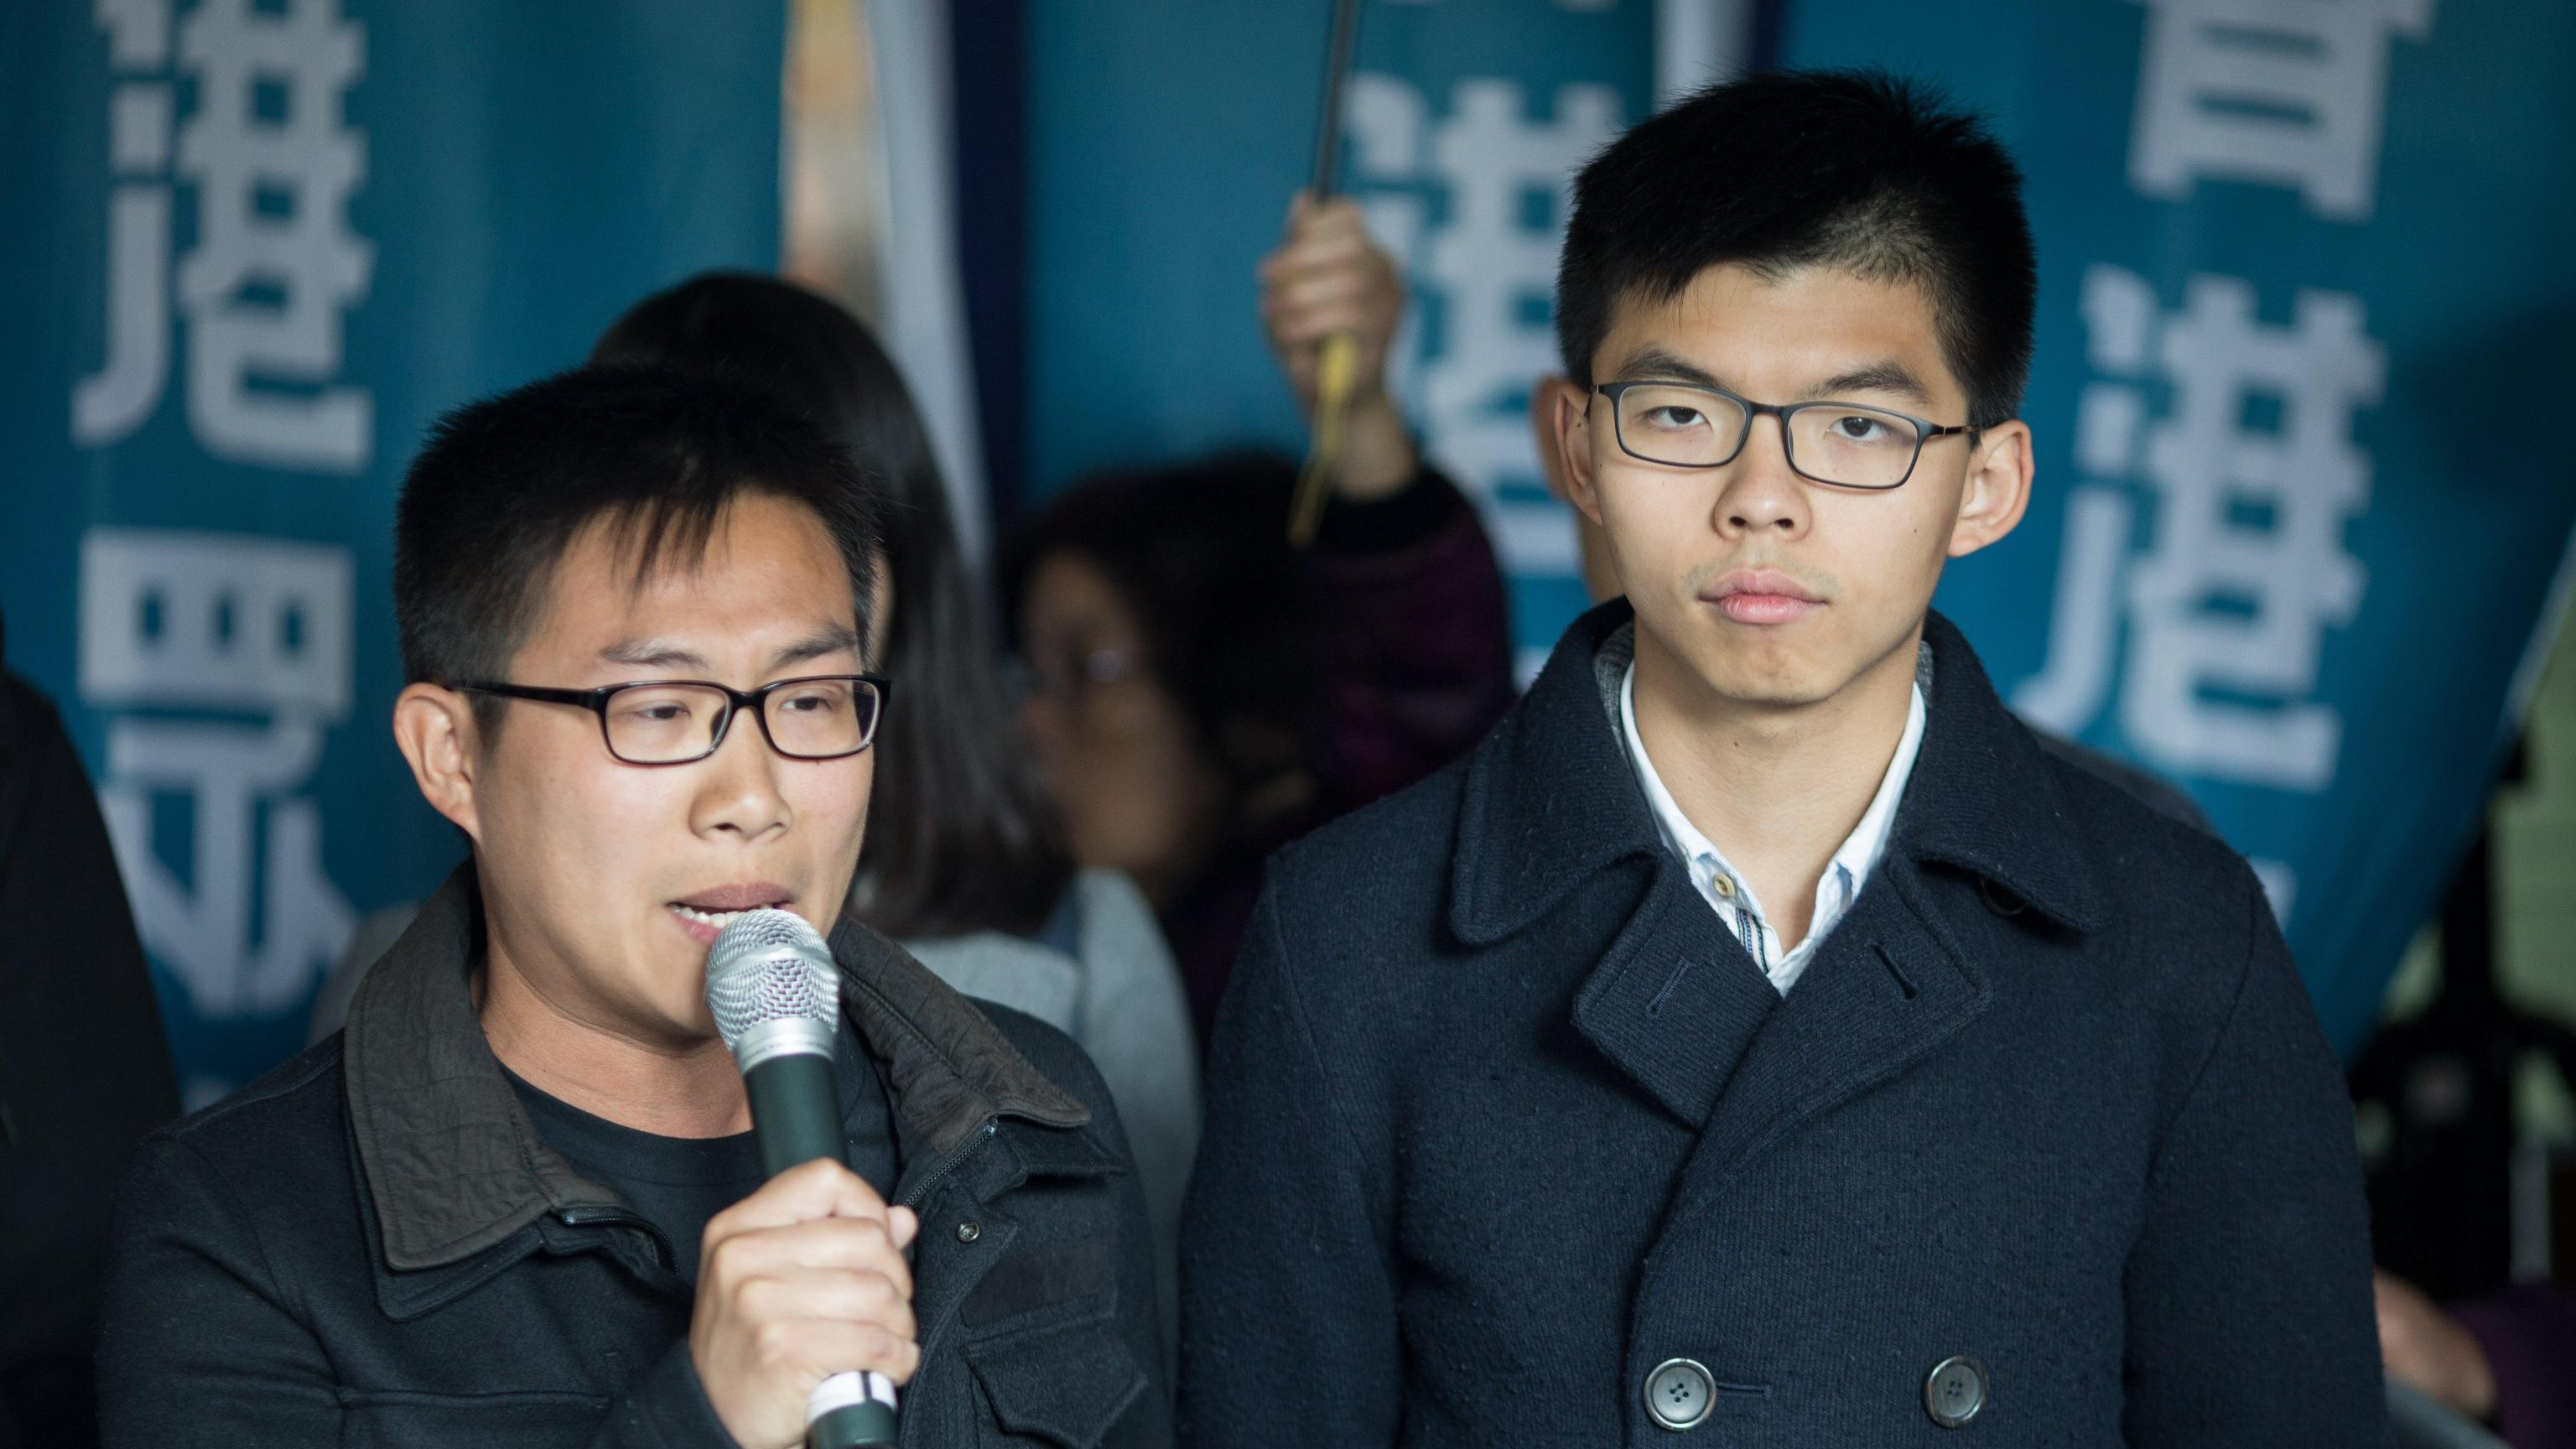 Hong Kong: attivista condannato a 3 mesi